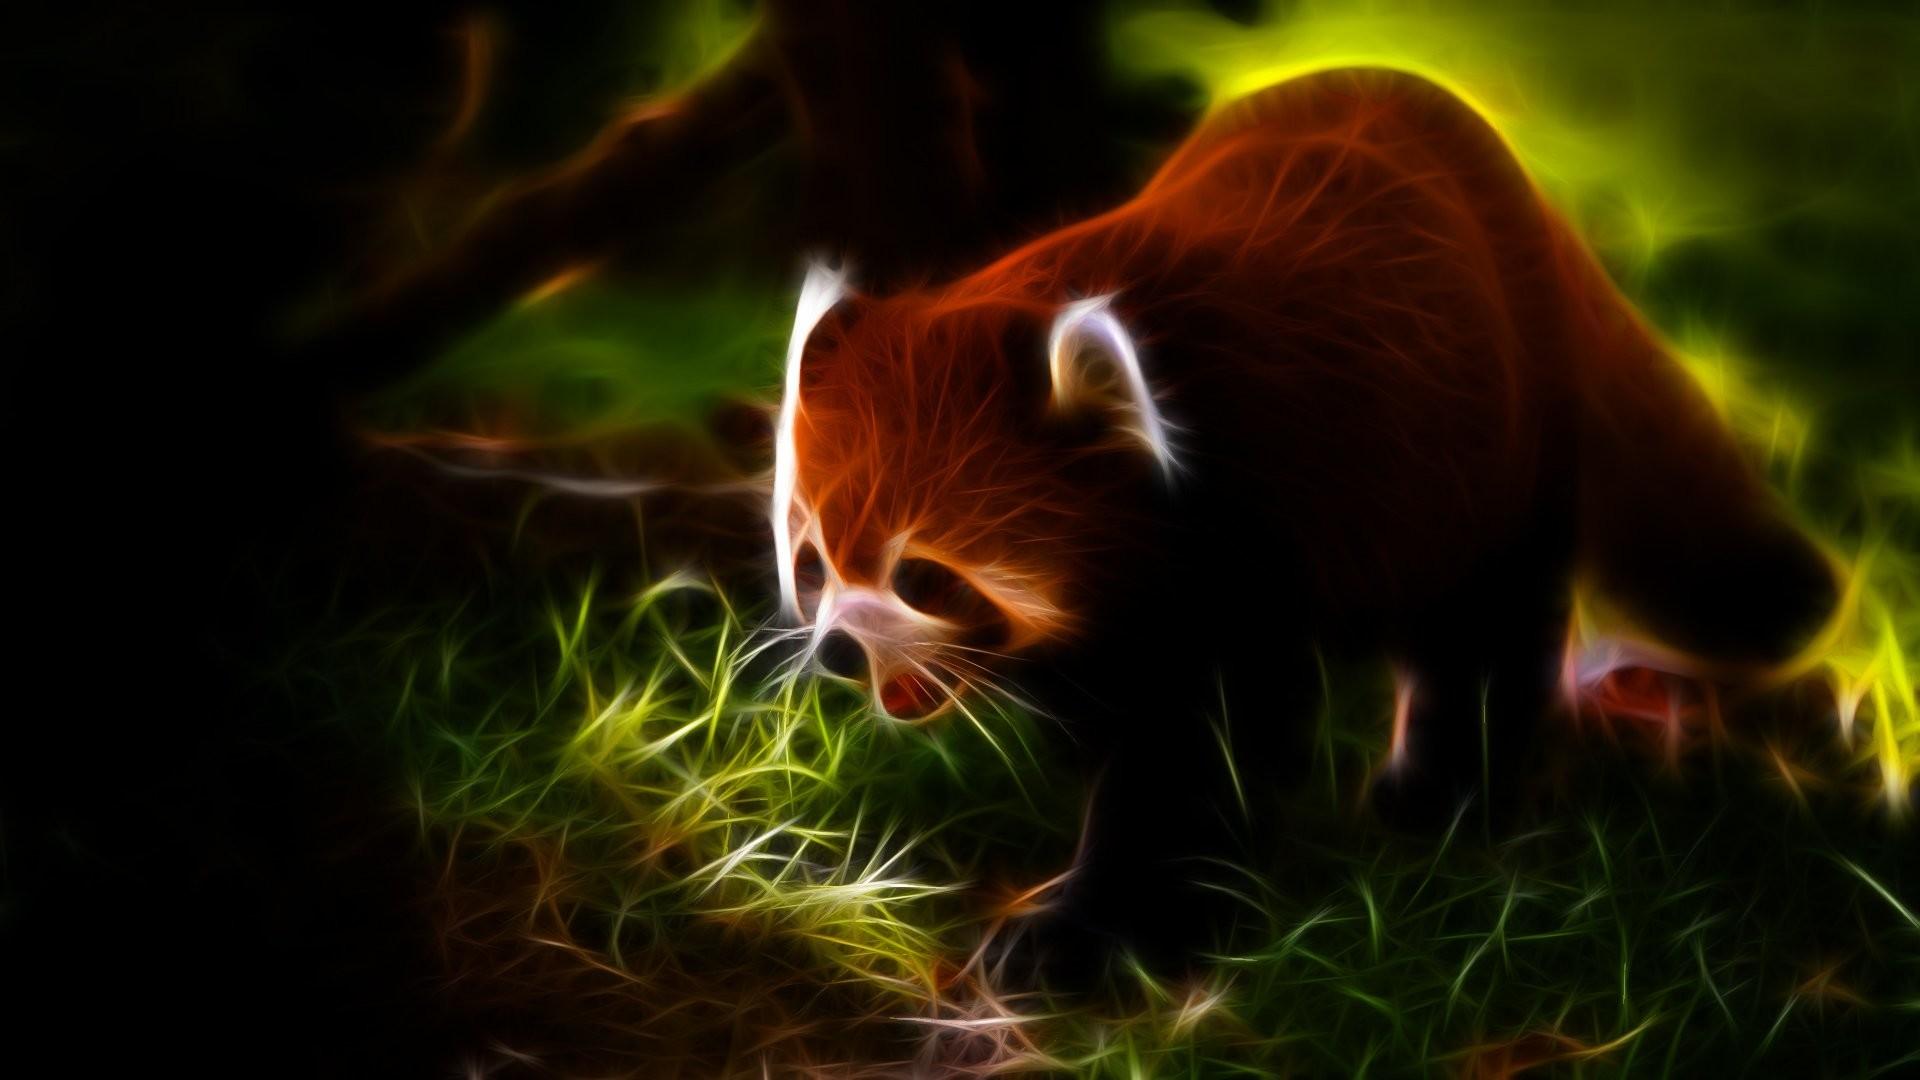 Animals Fractalius red pandas wallpaper | | 241087 .